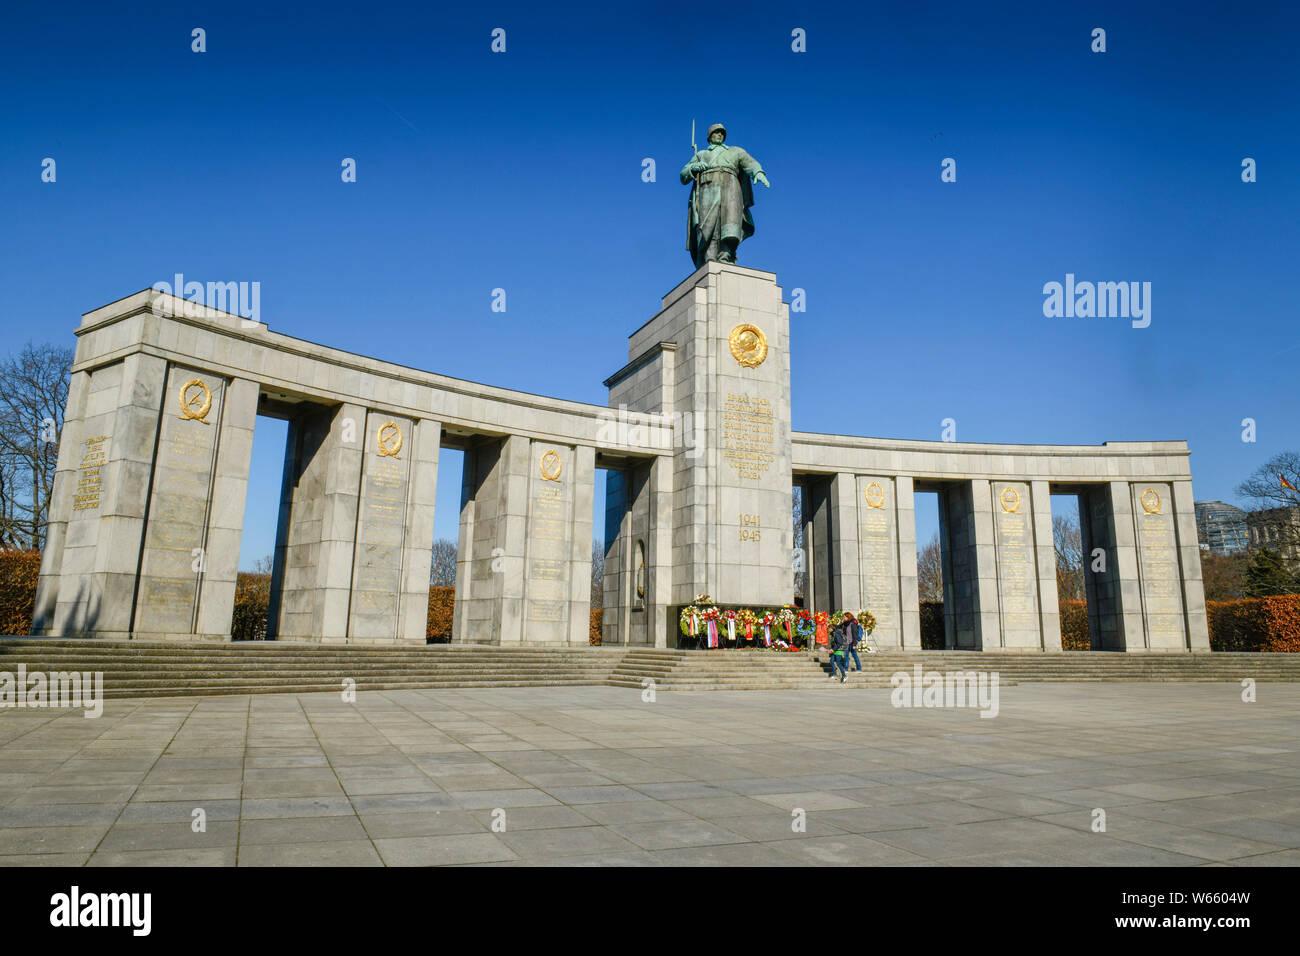 Sowjetisches Ehrenmal, Strasse des 17. Juni, Tiergarten, Berlin, Deutschland Stock Photo